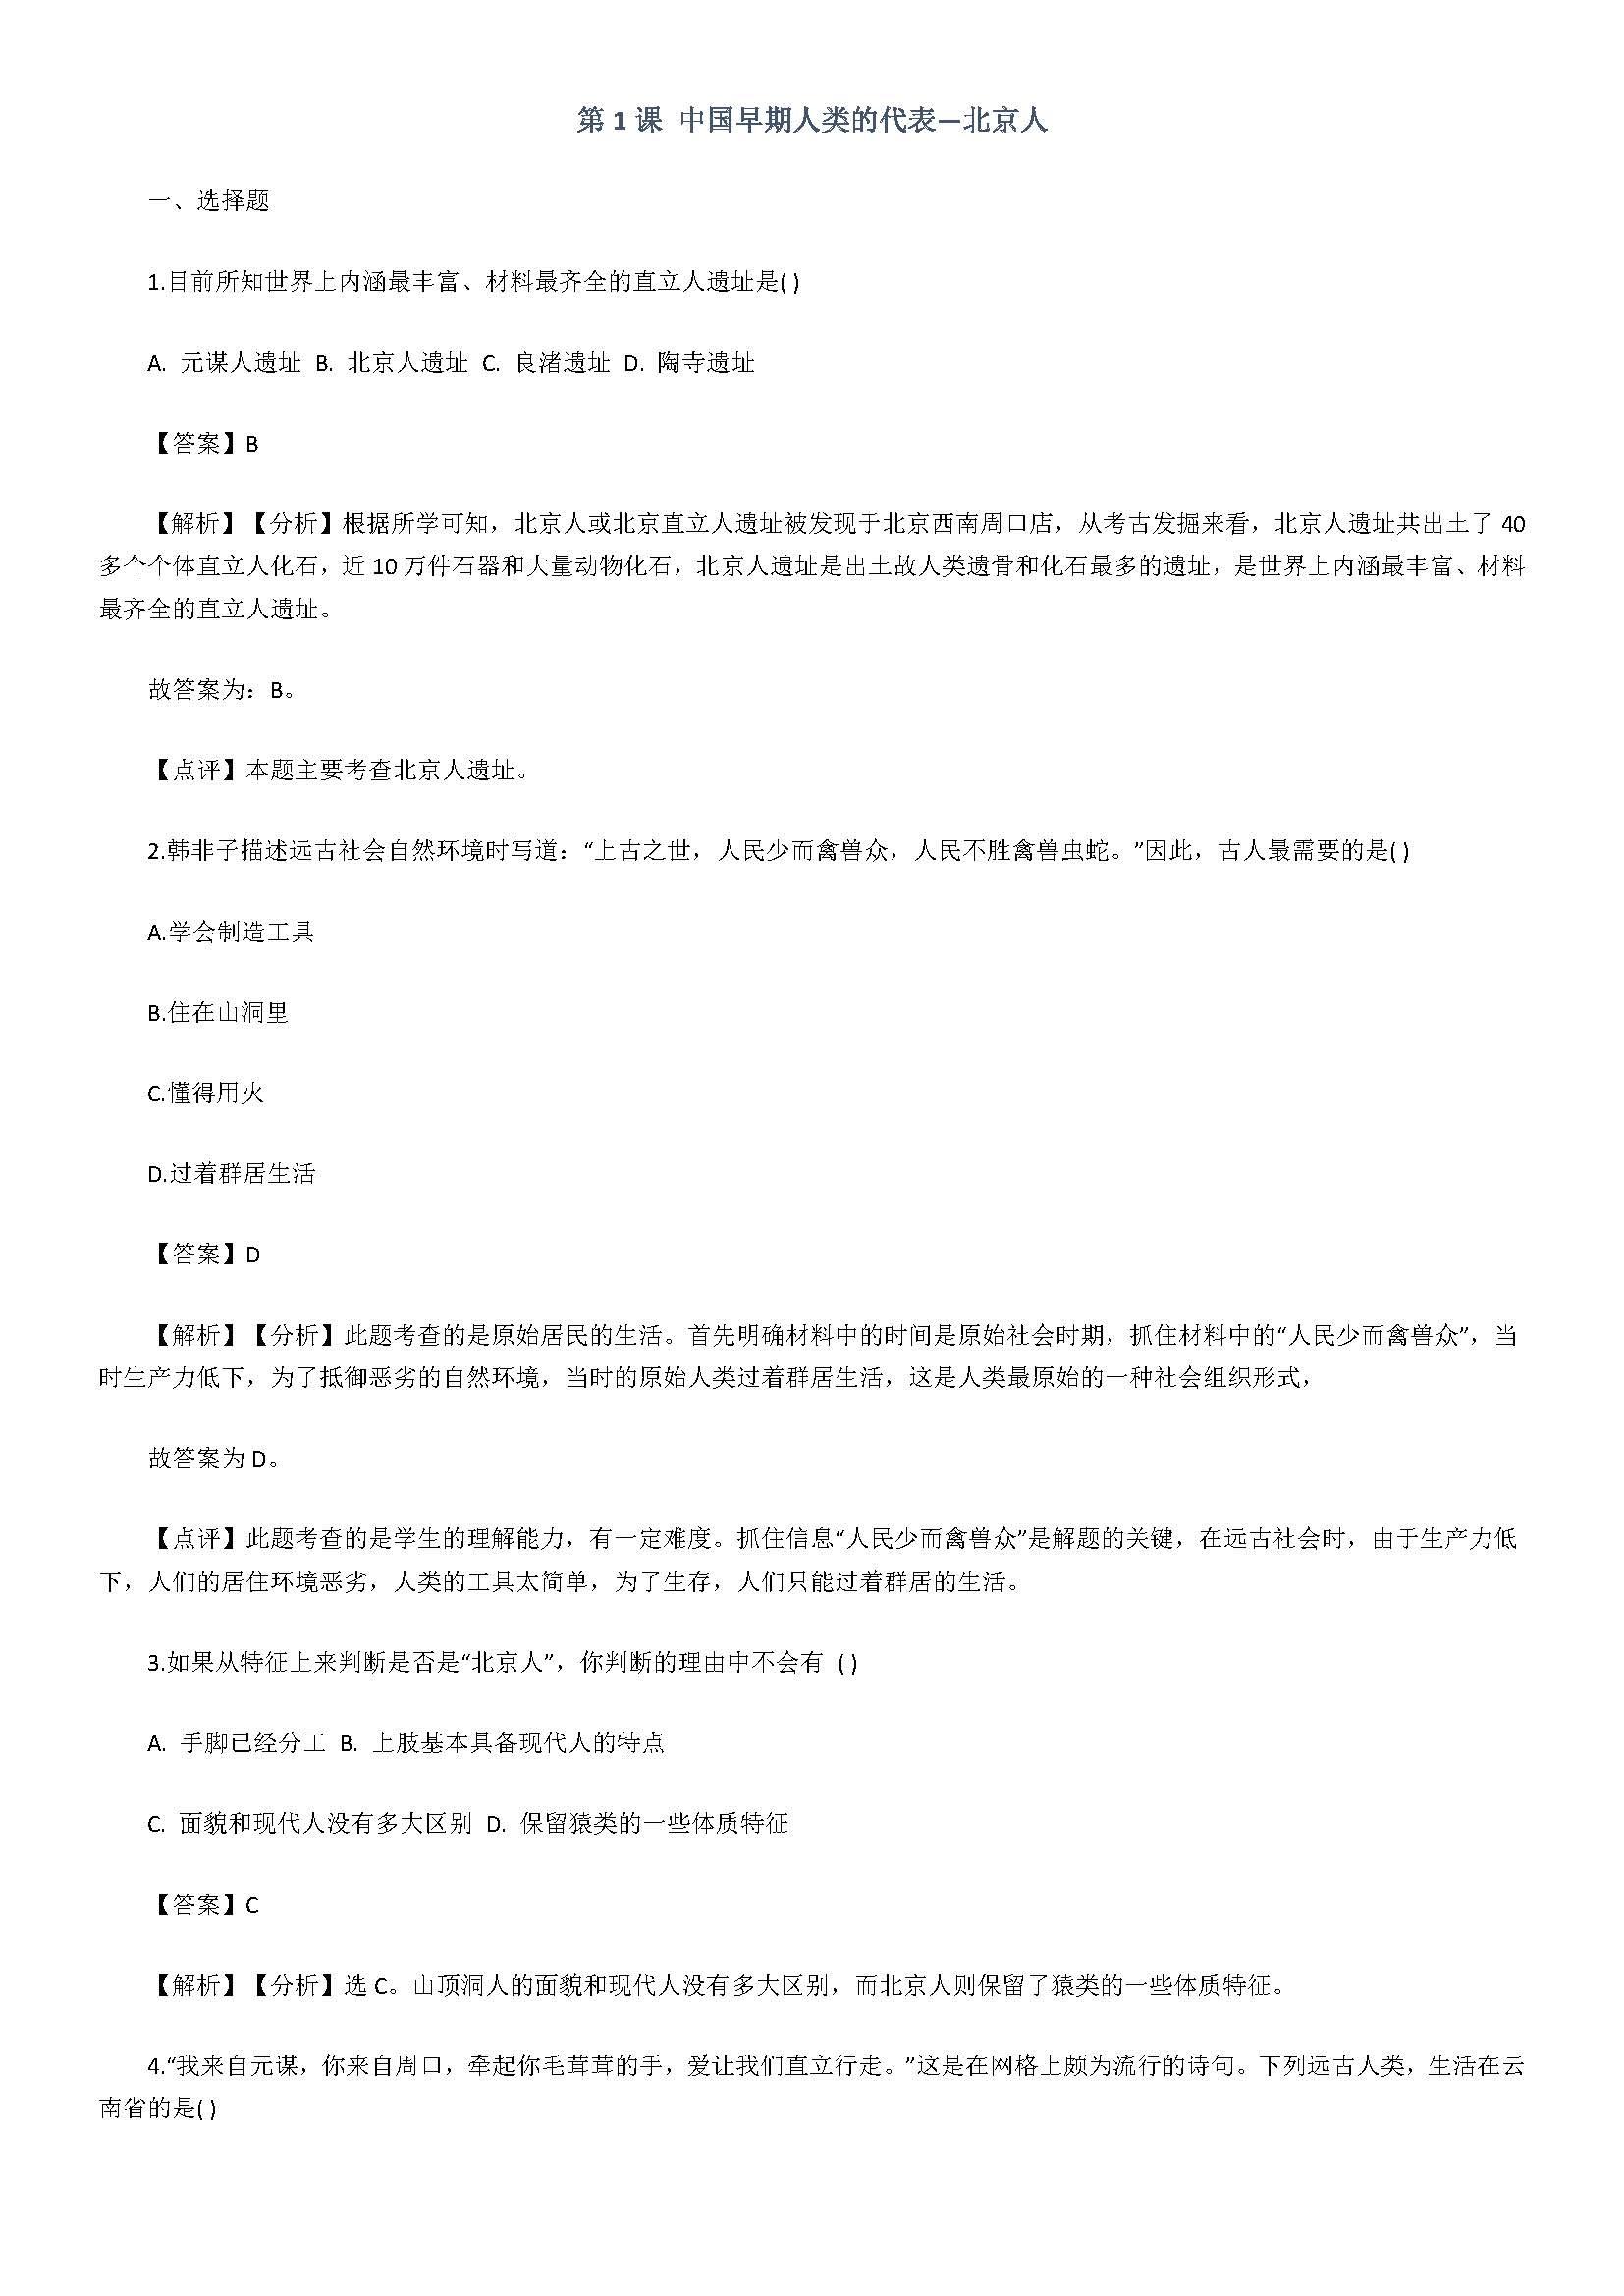 新人教版2018七年级历史上册试题含答案( 中国早期人类的代表)